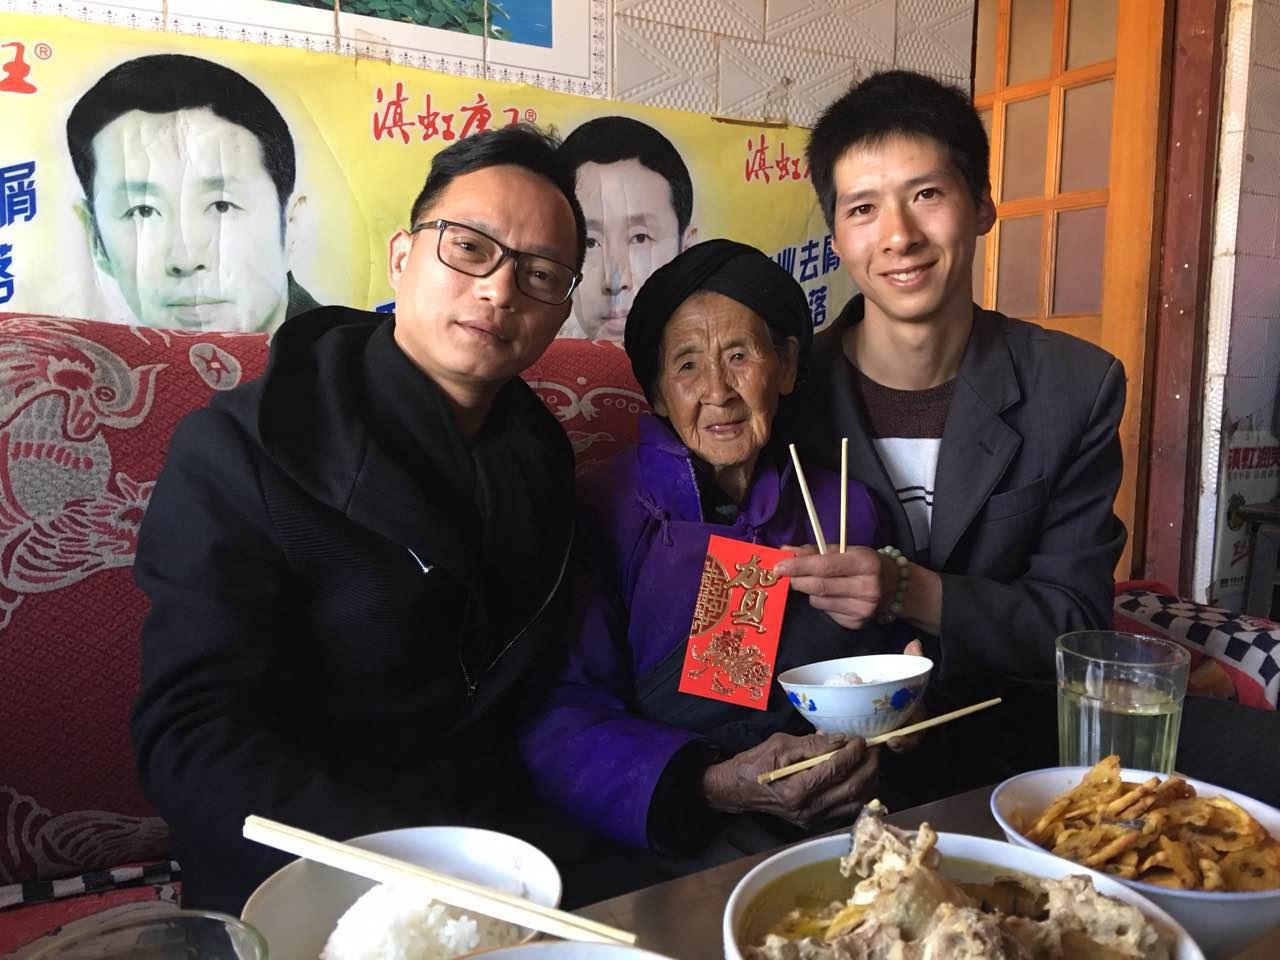 ↑ 1月31日,林志刚(左)在云南曲靖籍员工周向成家中拜年时,向周向成的奶奶赠送红包。新华社发